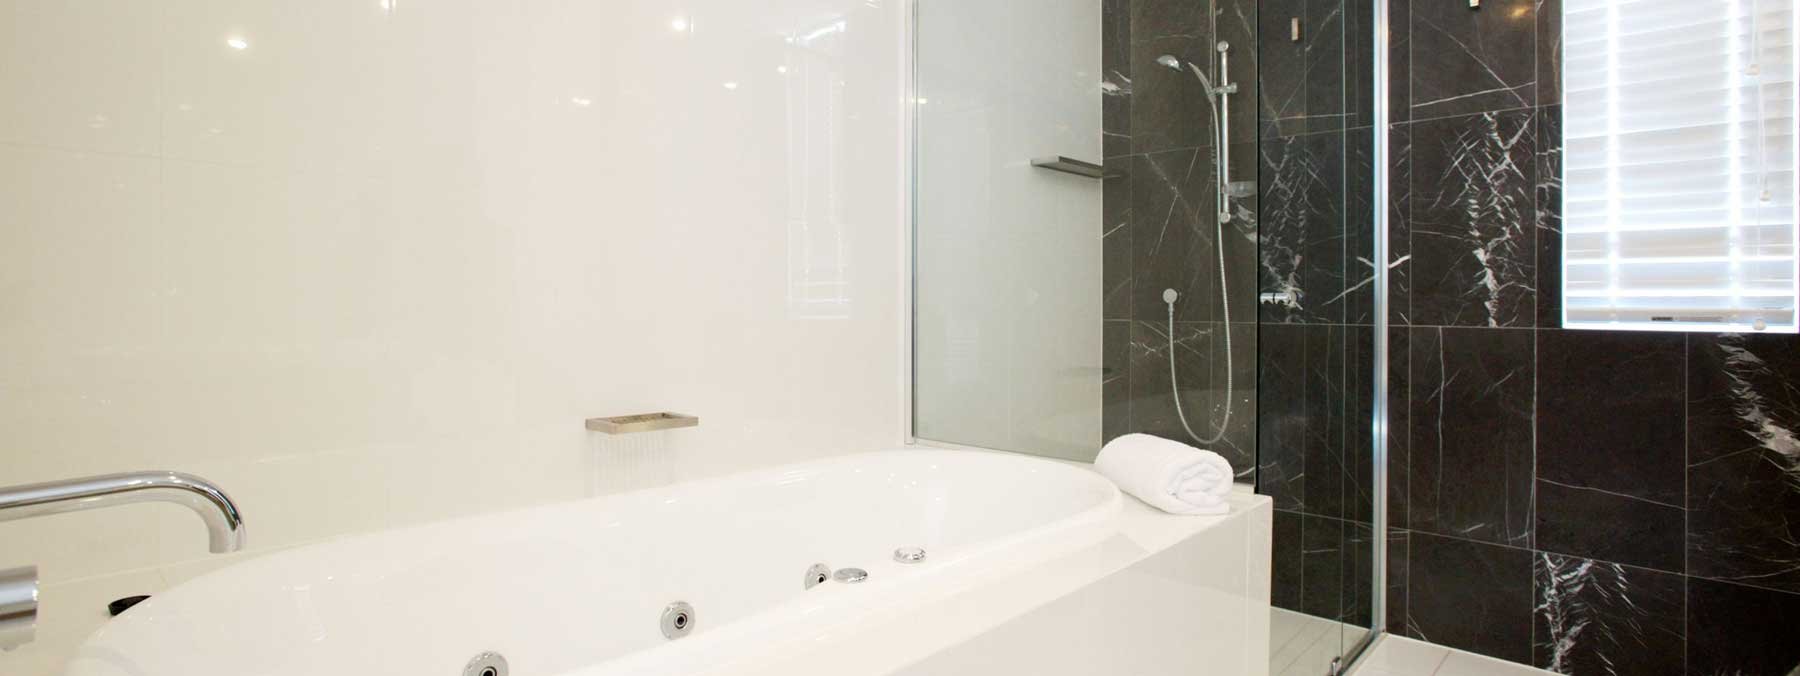 Fantastic Bathroom Renovations Baulkham Hills